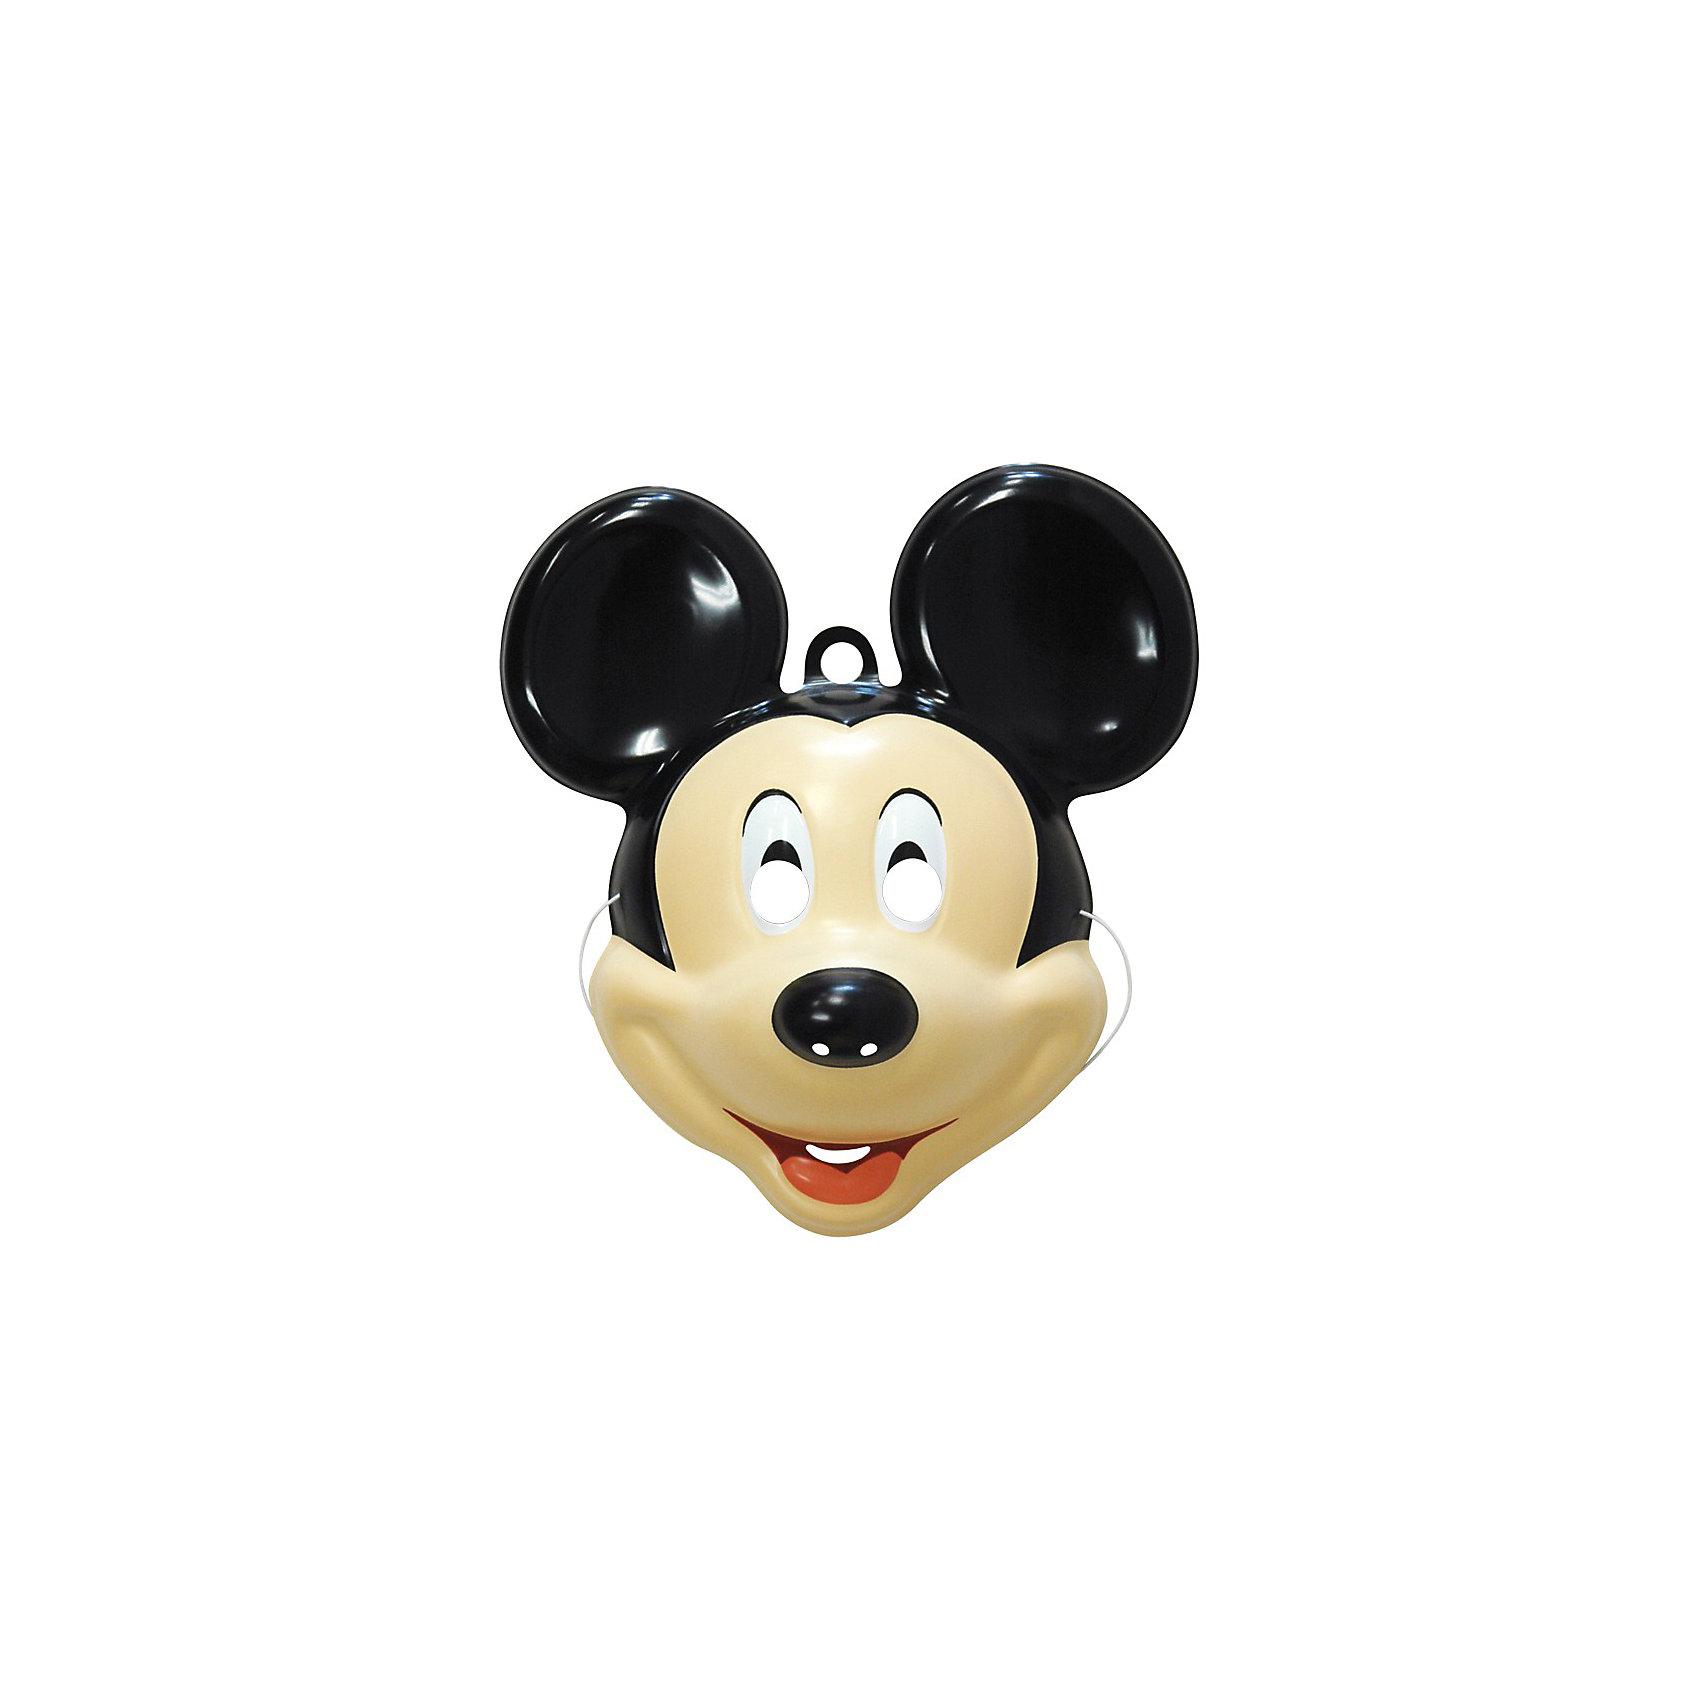 Маска Микки Маус, РосмэнОтправляясь на детский праздник, почему бы не создать образ знаменитого Микки Мауса? Для этого пригодится маска, которую можно использовать даже в качестве единственного карнавального элемента в одежде малыша. Надев ее, юный участник костюмированного представления легко перевоплощается в любимого персонажа.&#13;<br><br>Дополнительная информация: <br><br>- Материал: пластик.<br>- Размер: 23 х 8 х 26,5 см. <br>- Маска на резинке (входит в комплект).<br><br>Маску Микки Маус (Mickey Mouse), Росмэн можно купить в нашем магазине.<br><br>Ширина мм: 230<br>Глубина мм: 80<br>Высота мм: 265<br>Вес г: 30<br>Возраст от месяцев: 36<br>Возраст до месяцев: 108<br>Пол: Мужской<br>Возраст: Детский<br>SKU: 3825969